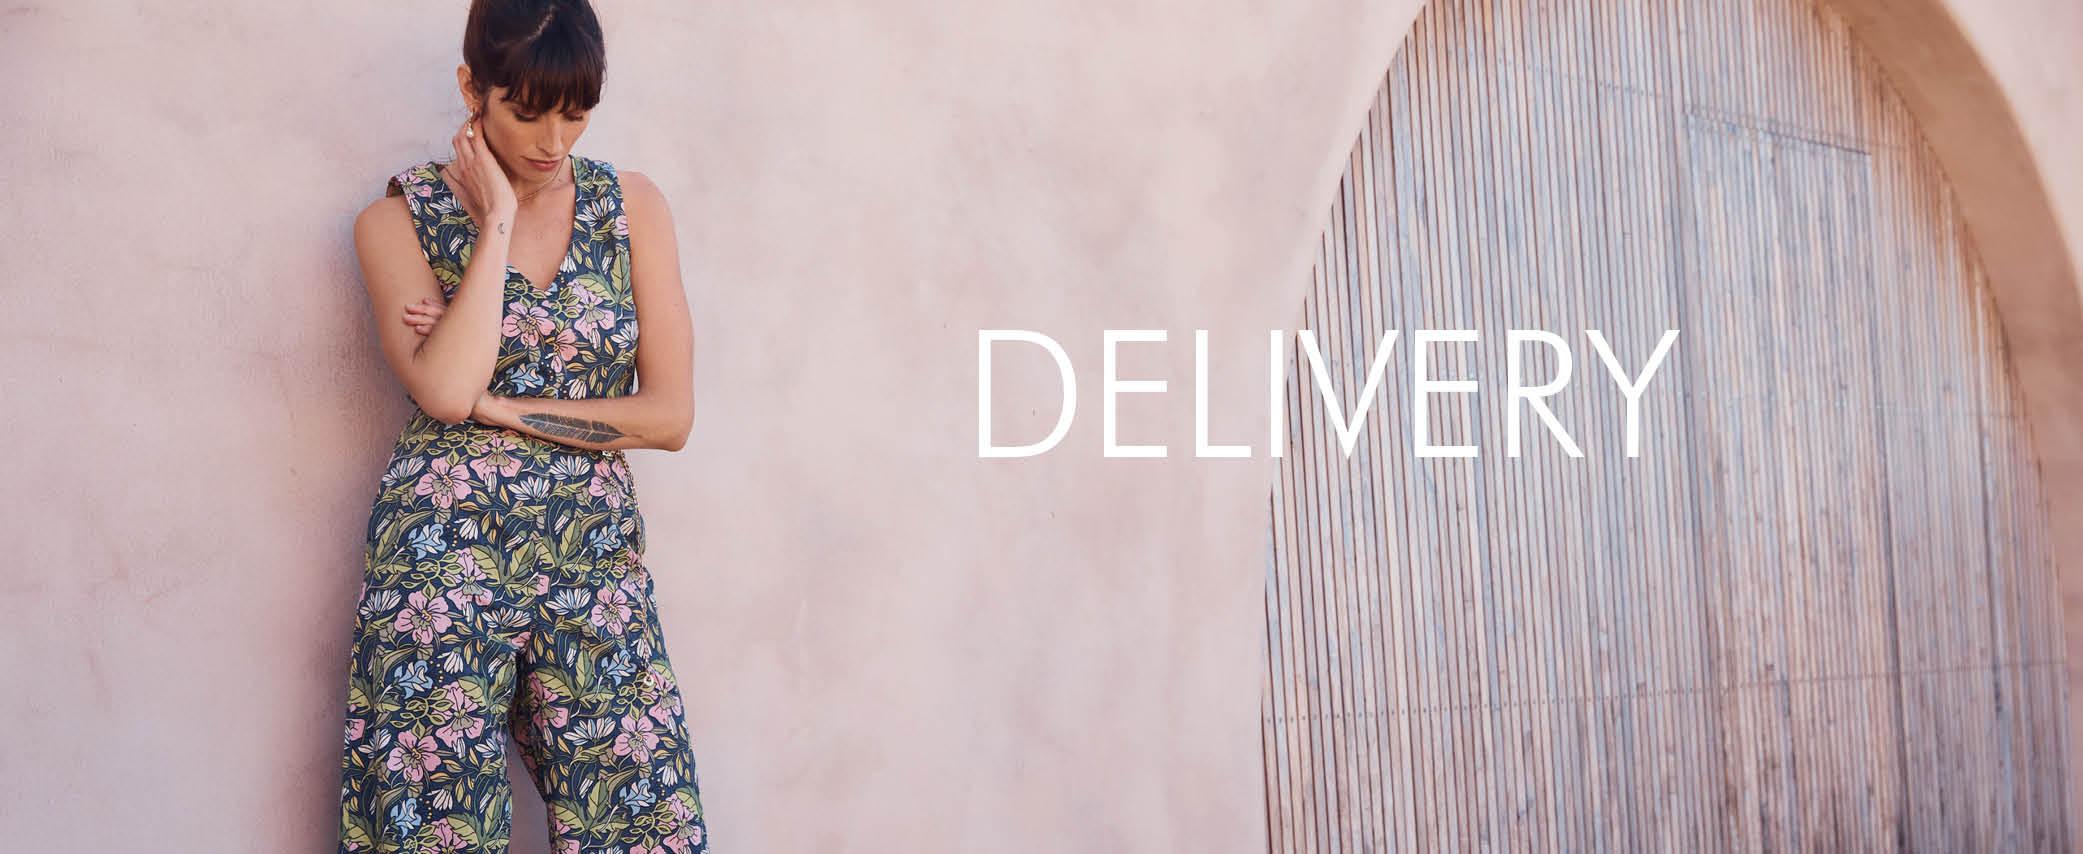 eden-delivery-2.jpg